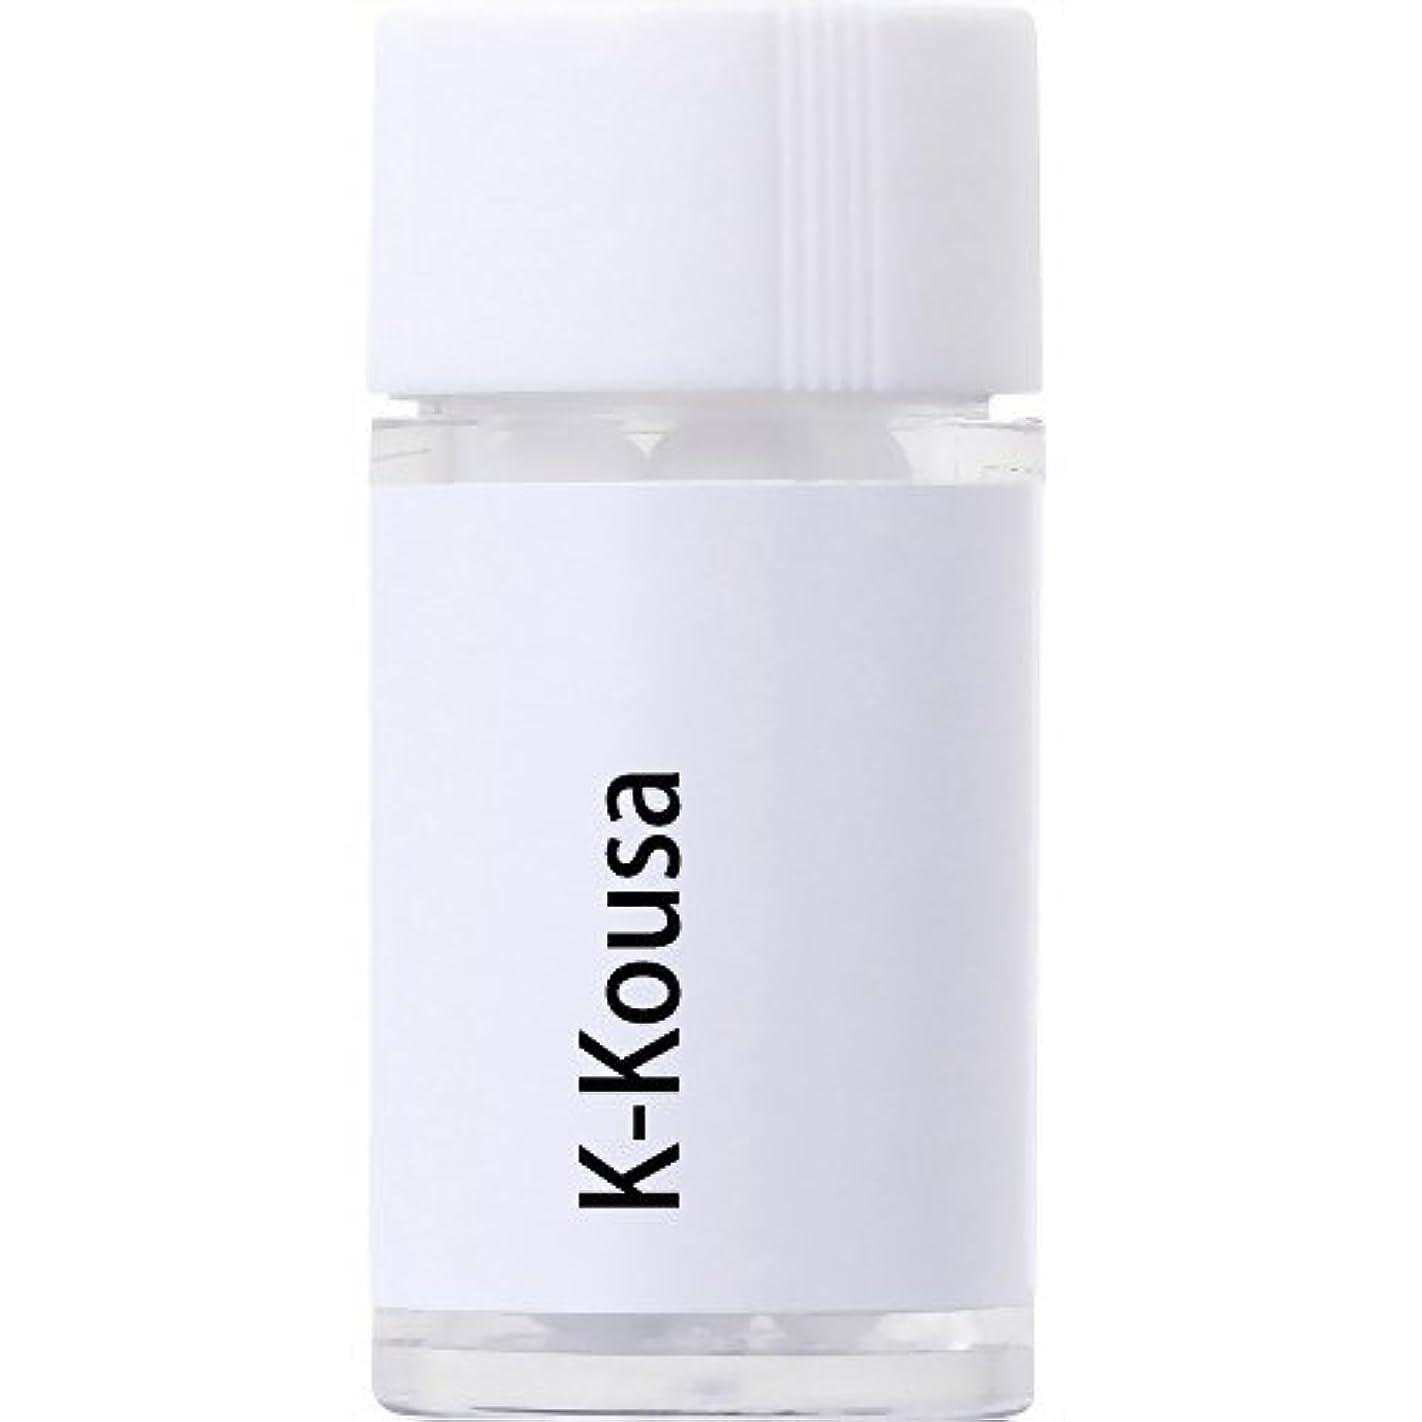 ディレクトリ品種準備するホメオパシージャパンレメディー K-Kousa(小ビン)